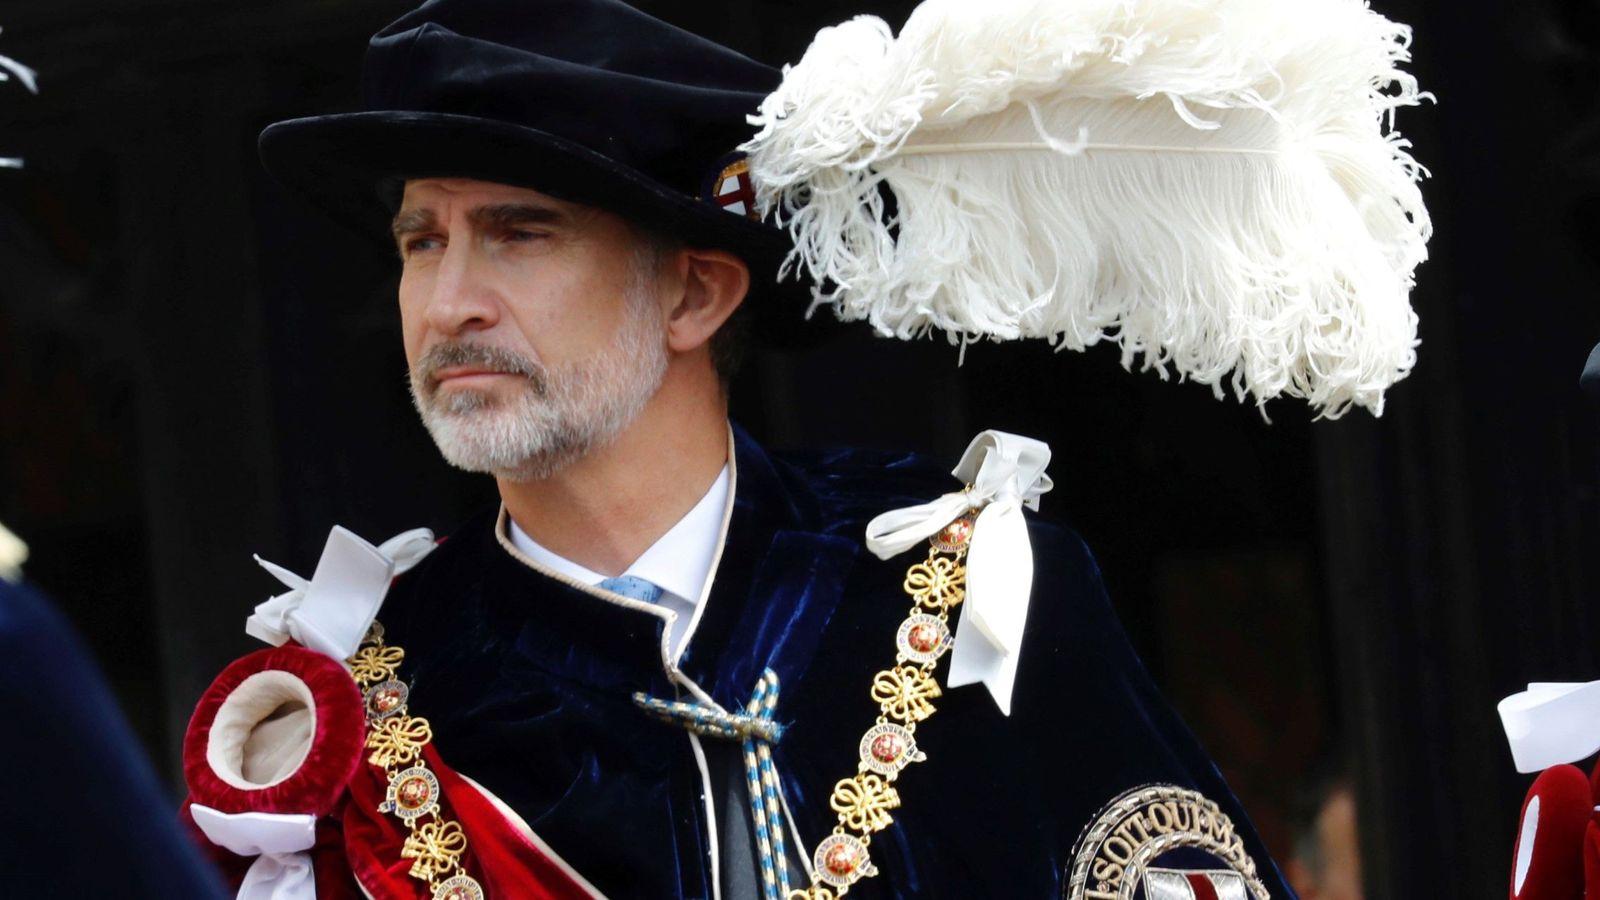 Foto: El Rey durante la procesión. (Efe)